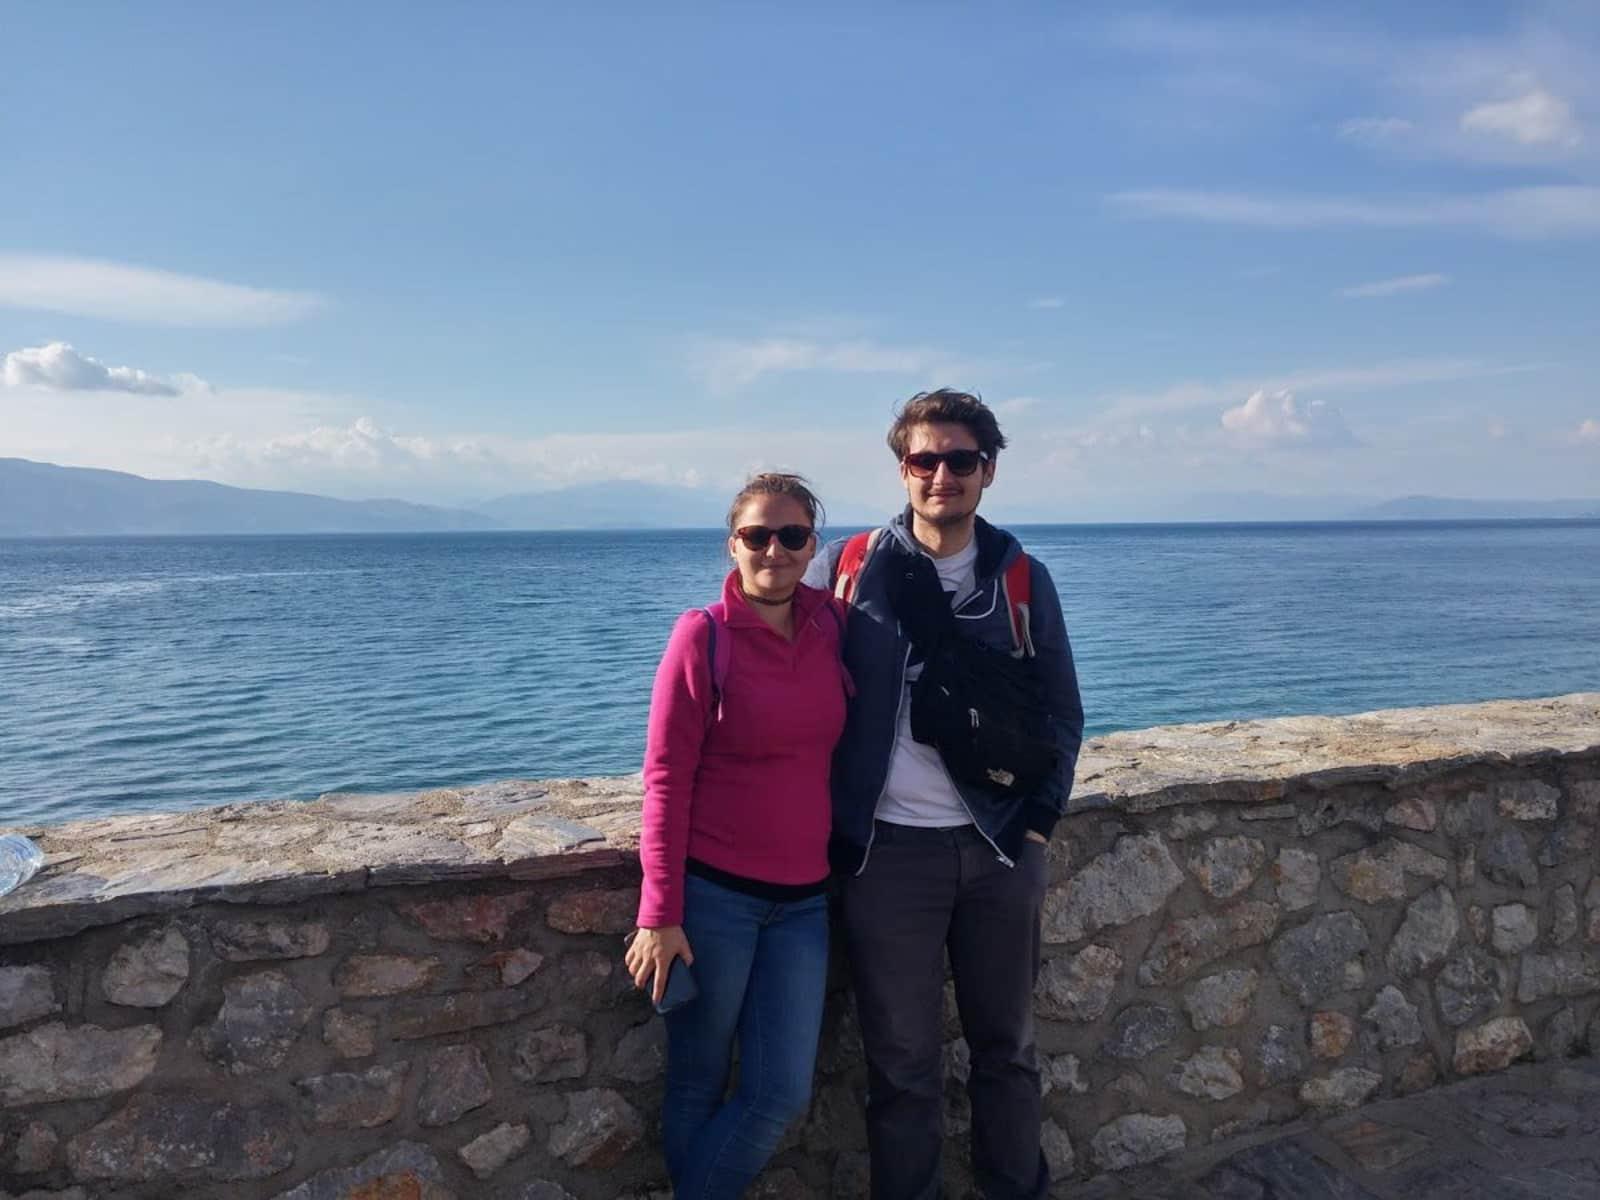 Tímea & Nándor from Budapest, Hungary